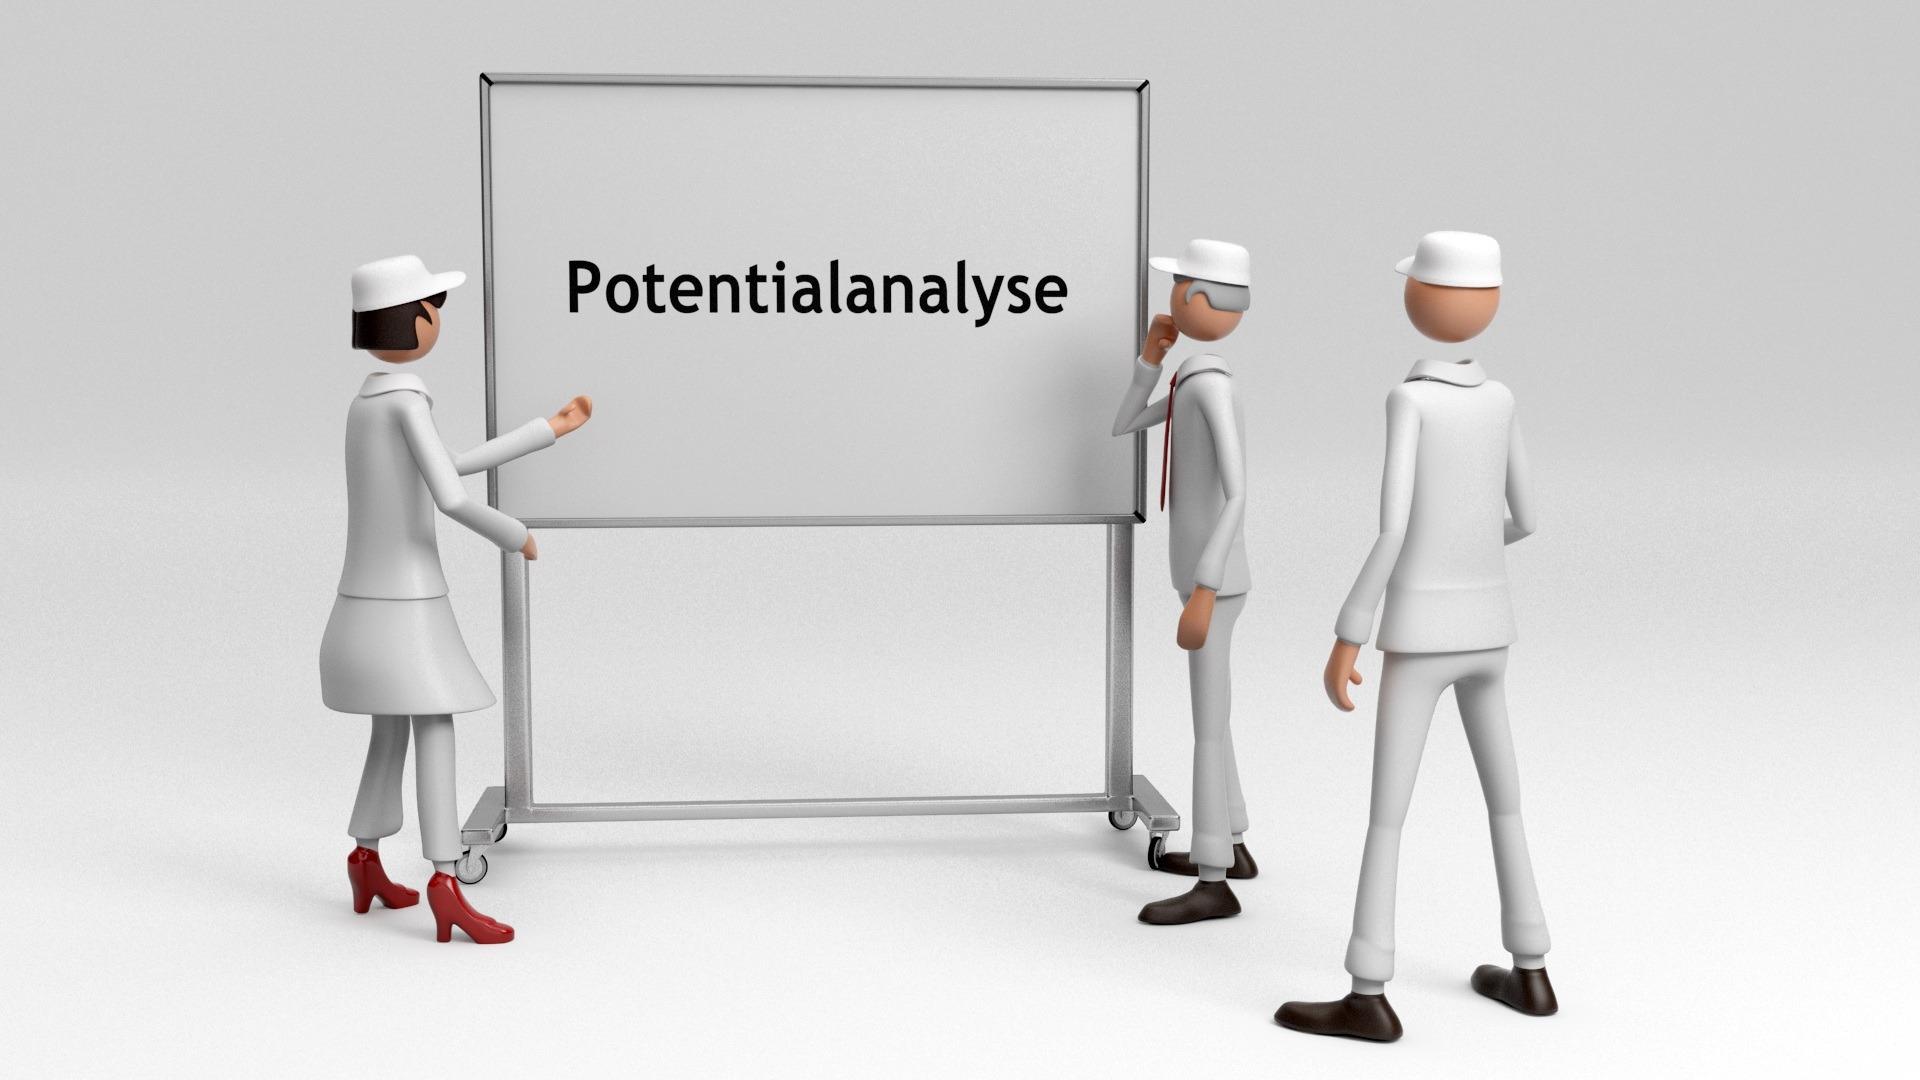 Die Persönlichkeitsanalyse im Firmen-Übergabeprozess